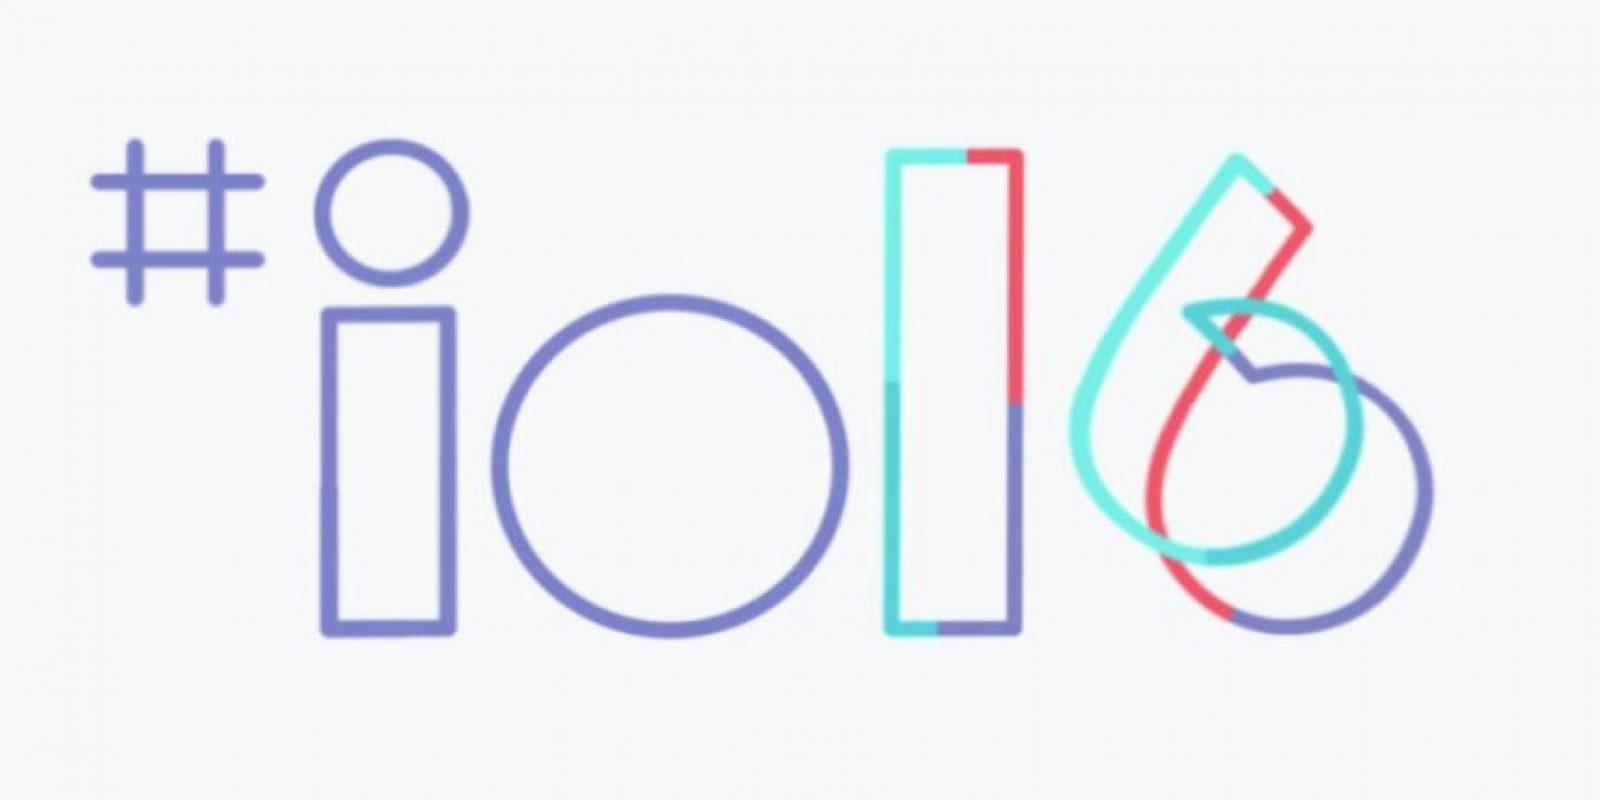 La conferencia para desarrolladores seguirá hasta el 20 de mayo. Foto:Google